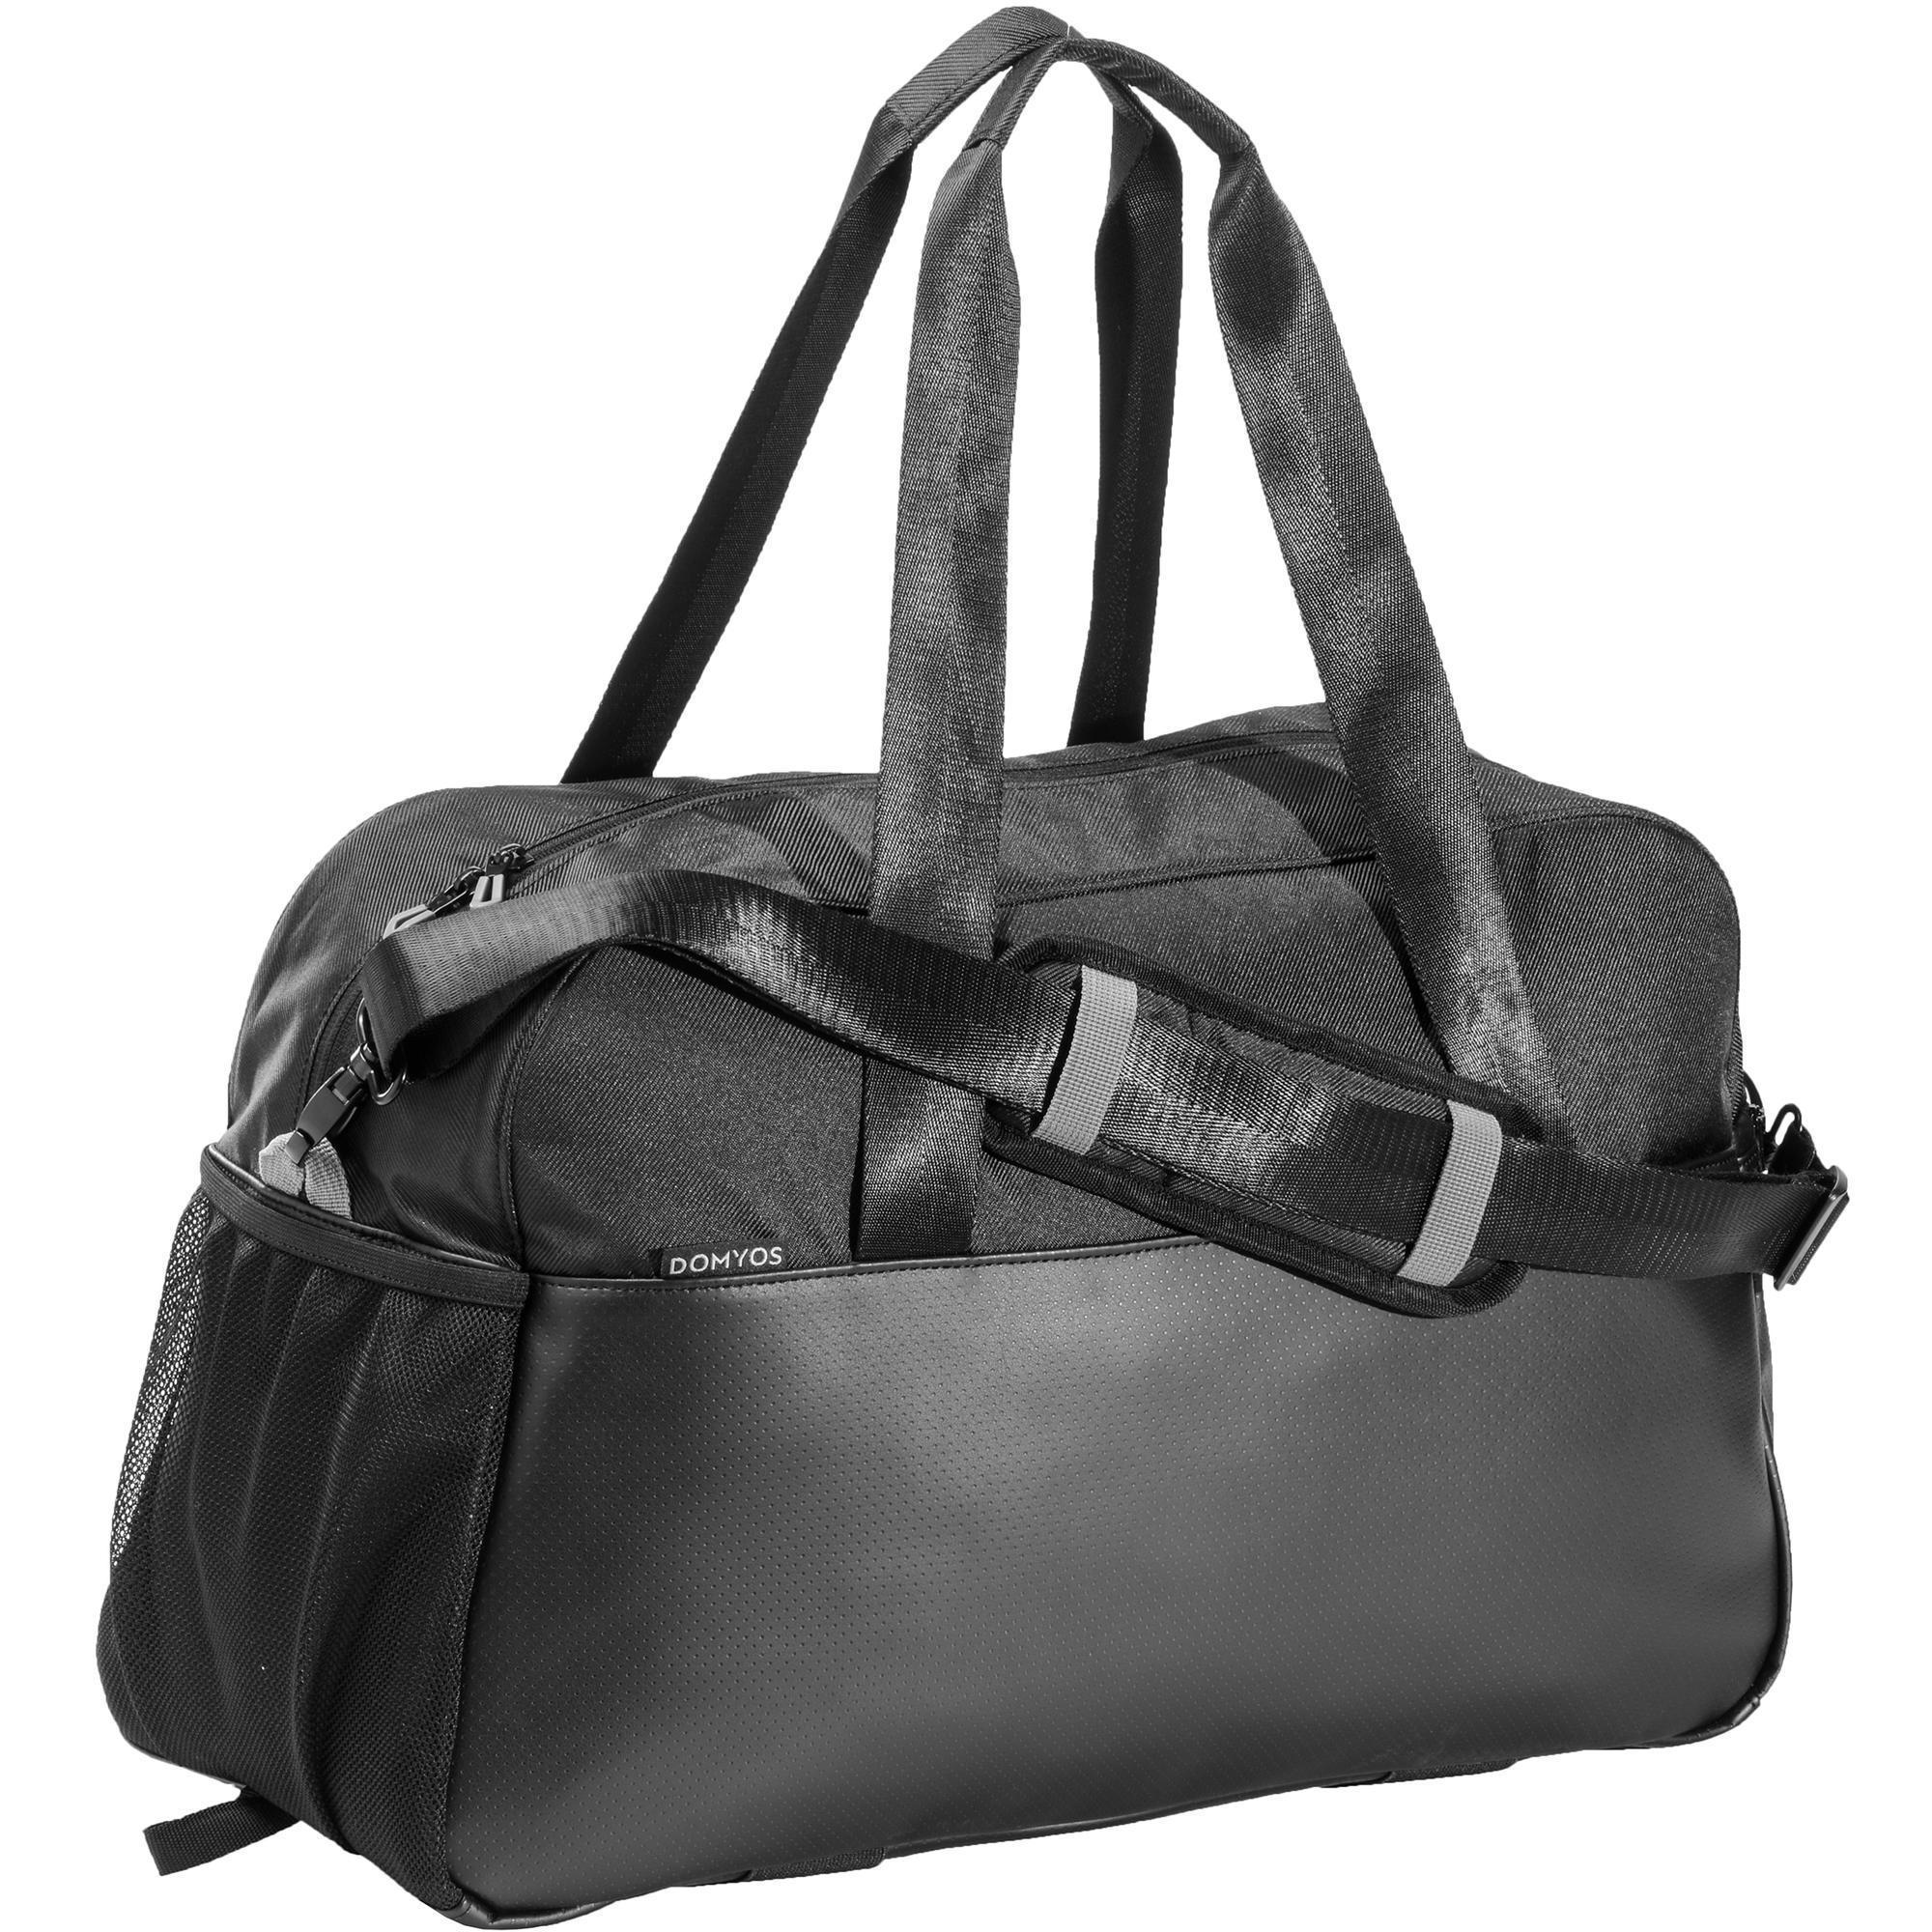 708f0b93818c0 Sporttaschen und Schlösse Cardiotraining